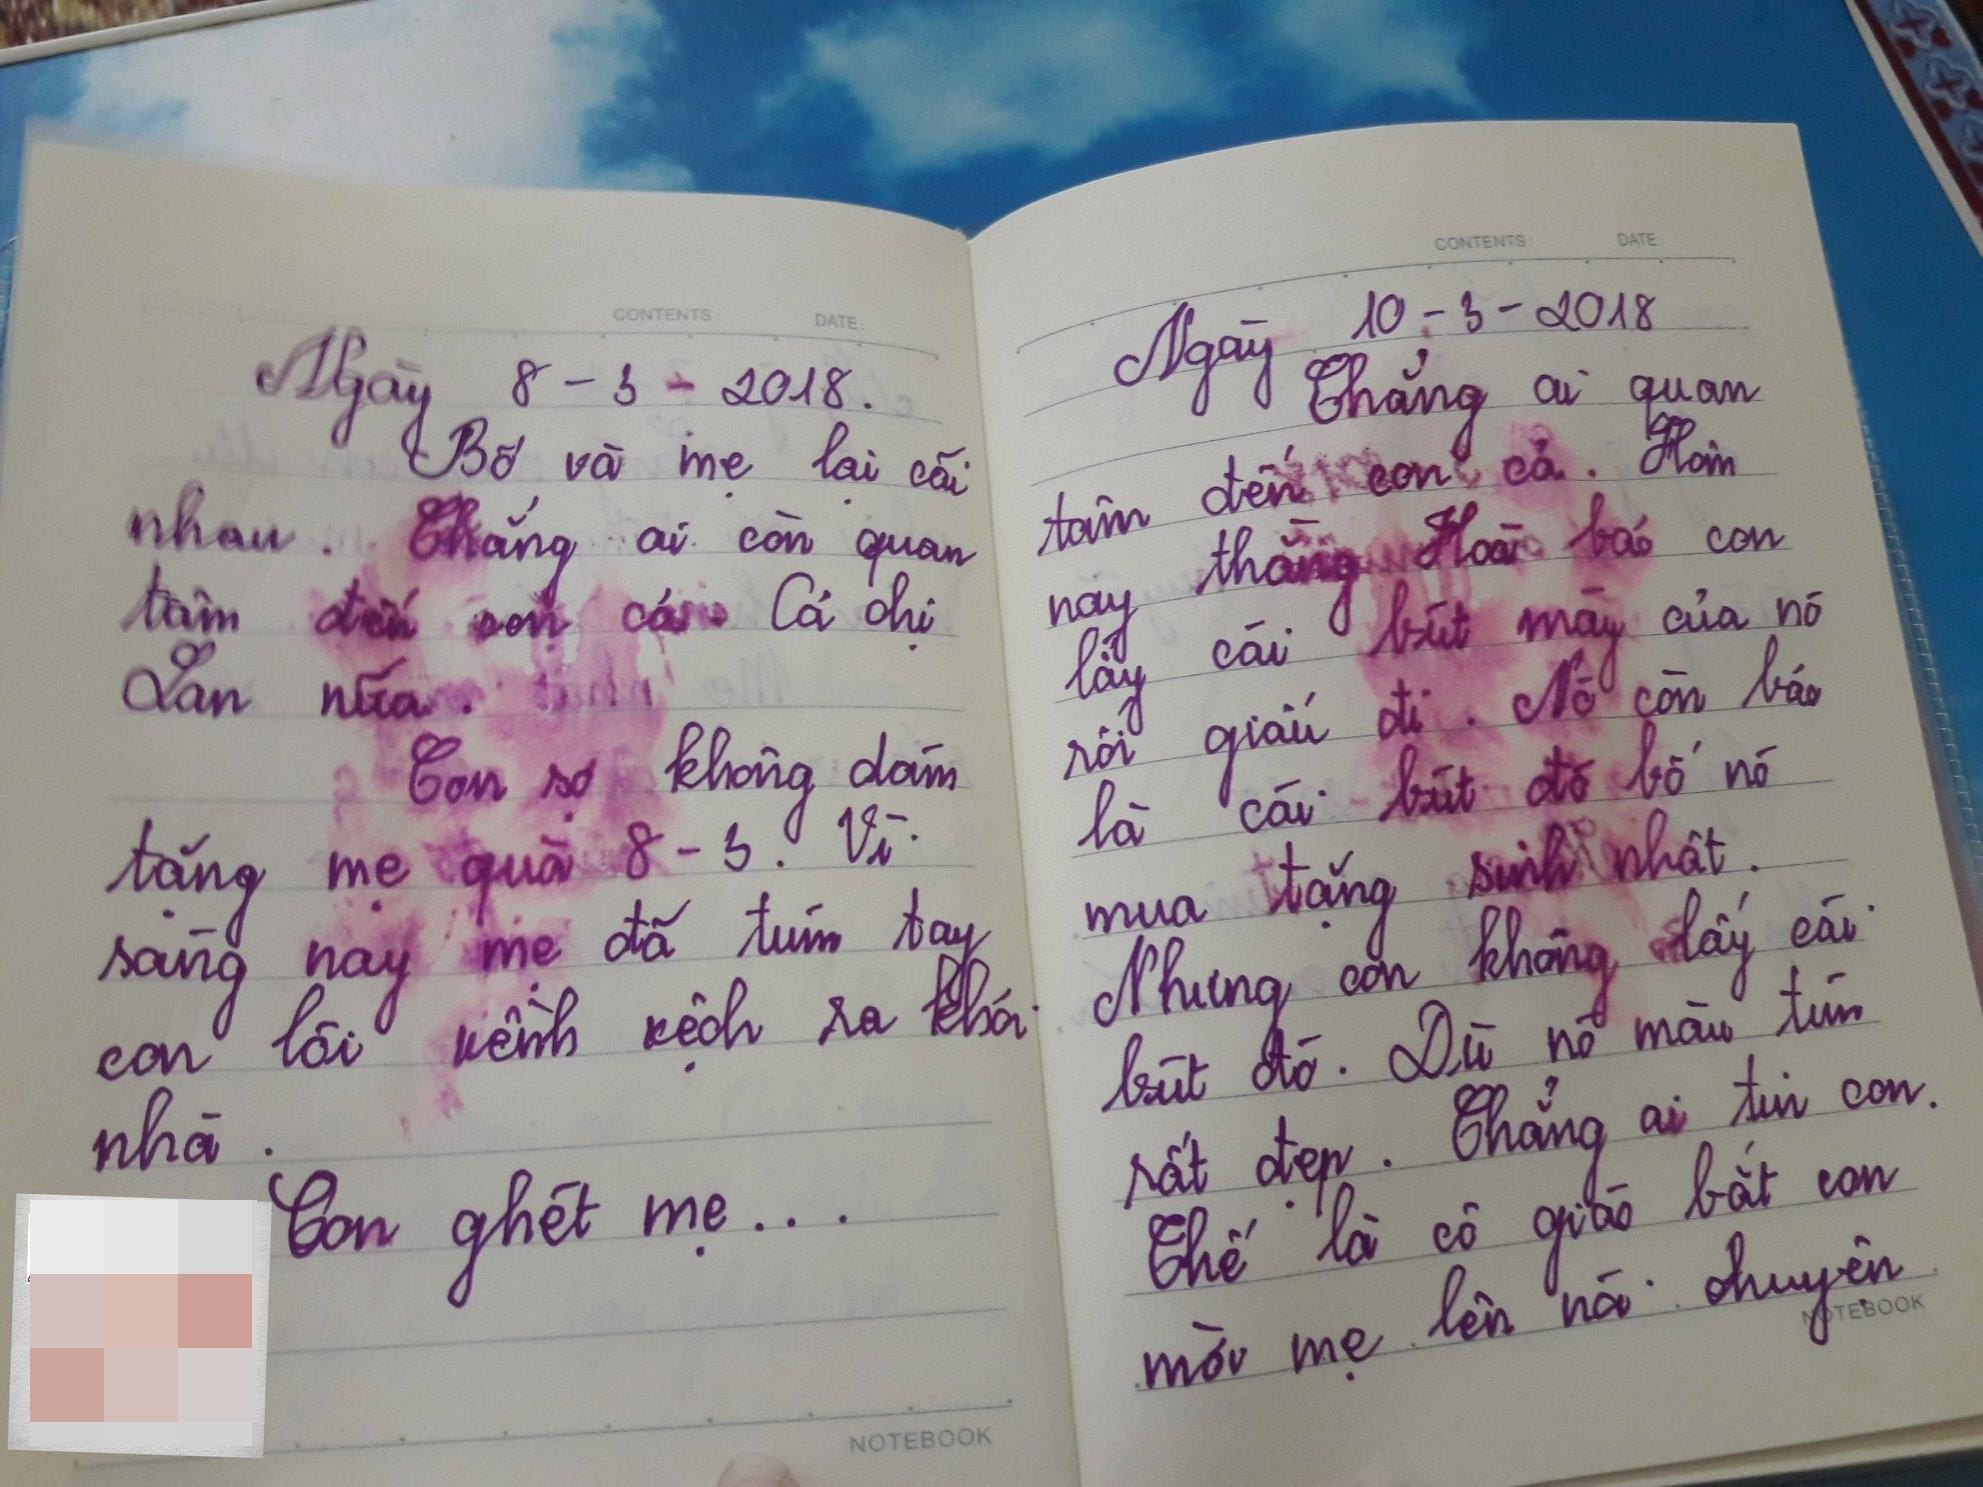 Con không phải là con của bố mẹ phải không? - cuốn nhật ký nhòe nước mắt của bé gái lớp 5 khiến các bậc cha mẹ sững sờ - Ảnh 5.